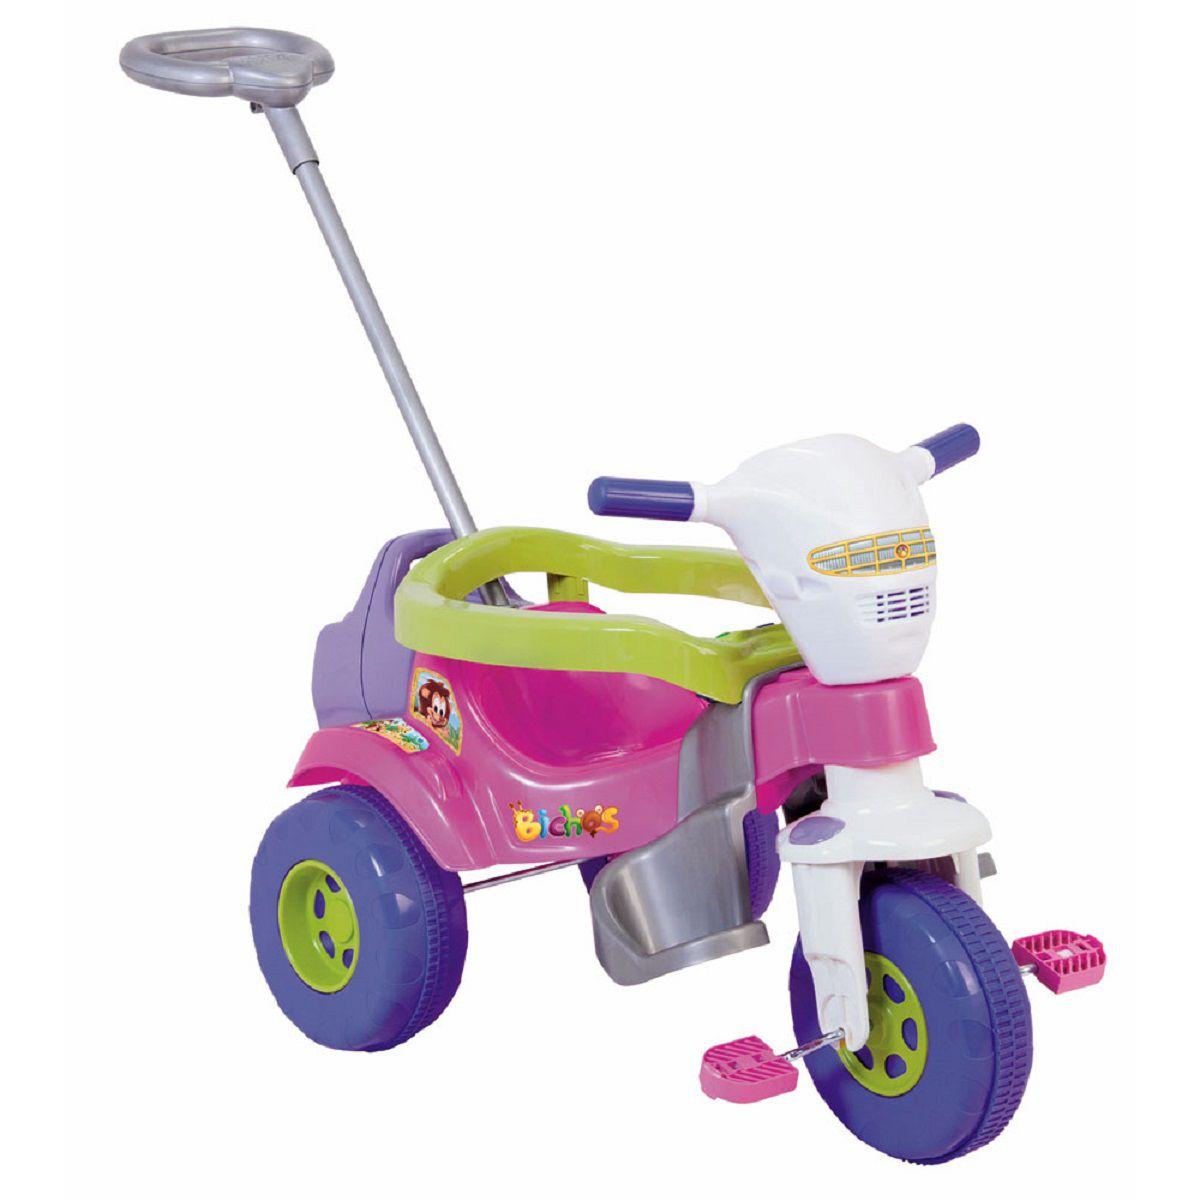 Triciclo Tico Tico Bichos com Haste Direcionável com Som - Rosa - Magic Toys